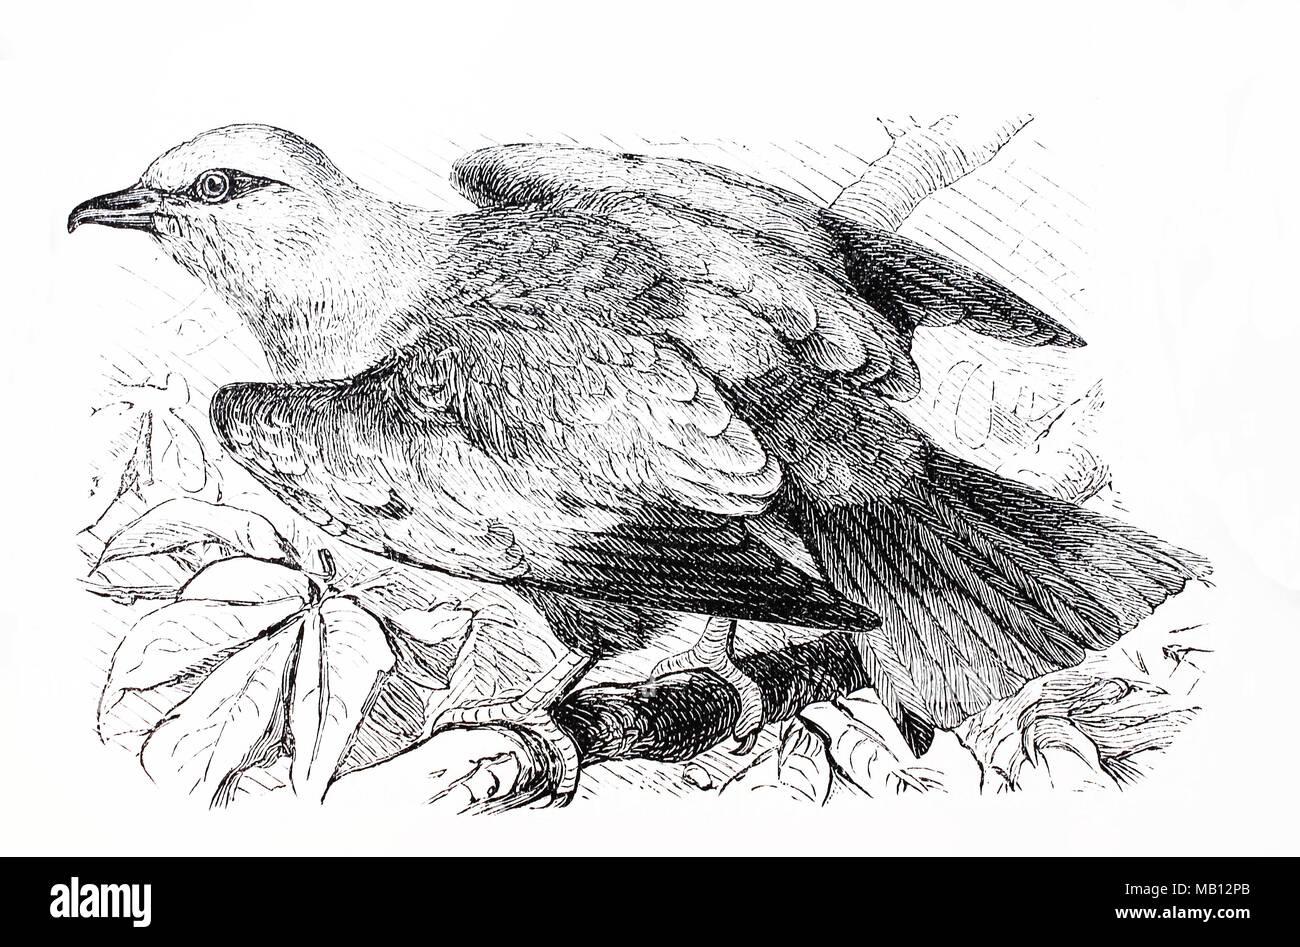 Mandelkrähe, Blauracke, Coracias garrulus, europäische Rolle, digital verbesserte Reproduktion einer Vorlage drucken aus dem Jahr 1895 Stockbild